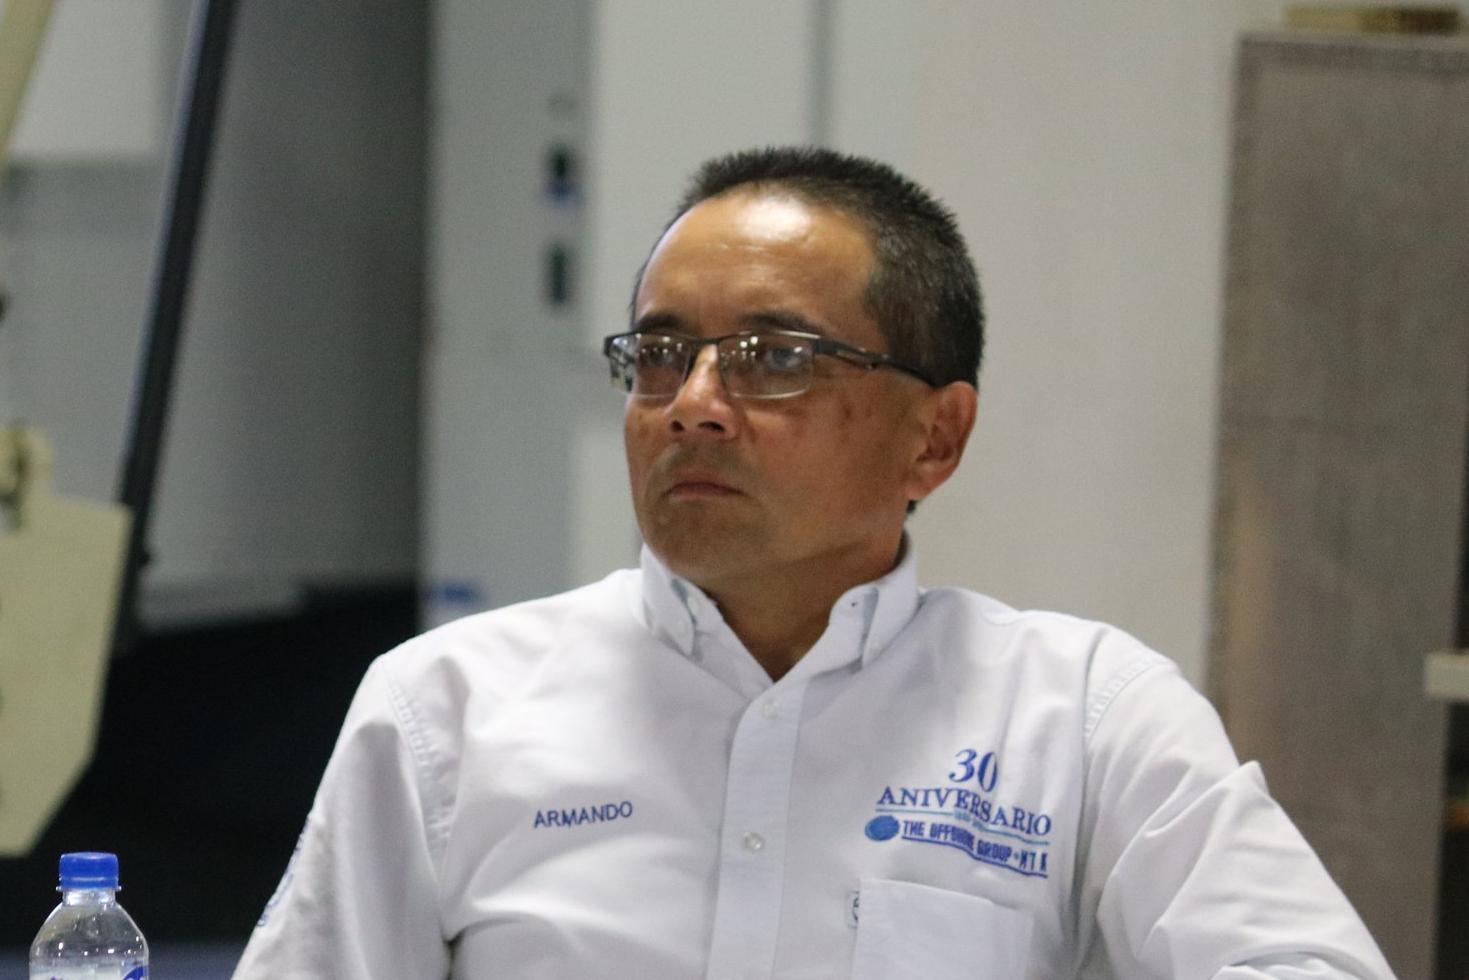 Armando Lee, Maquilas Tetakawi